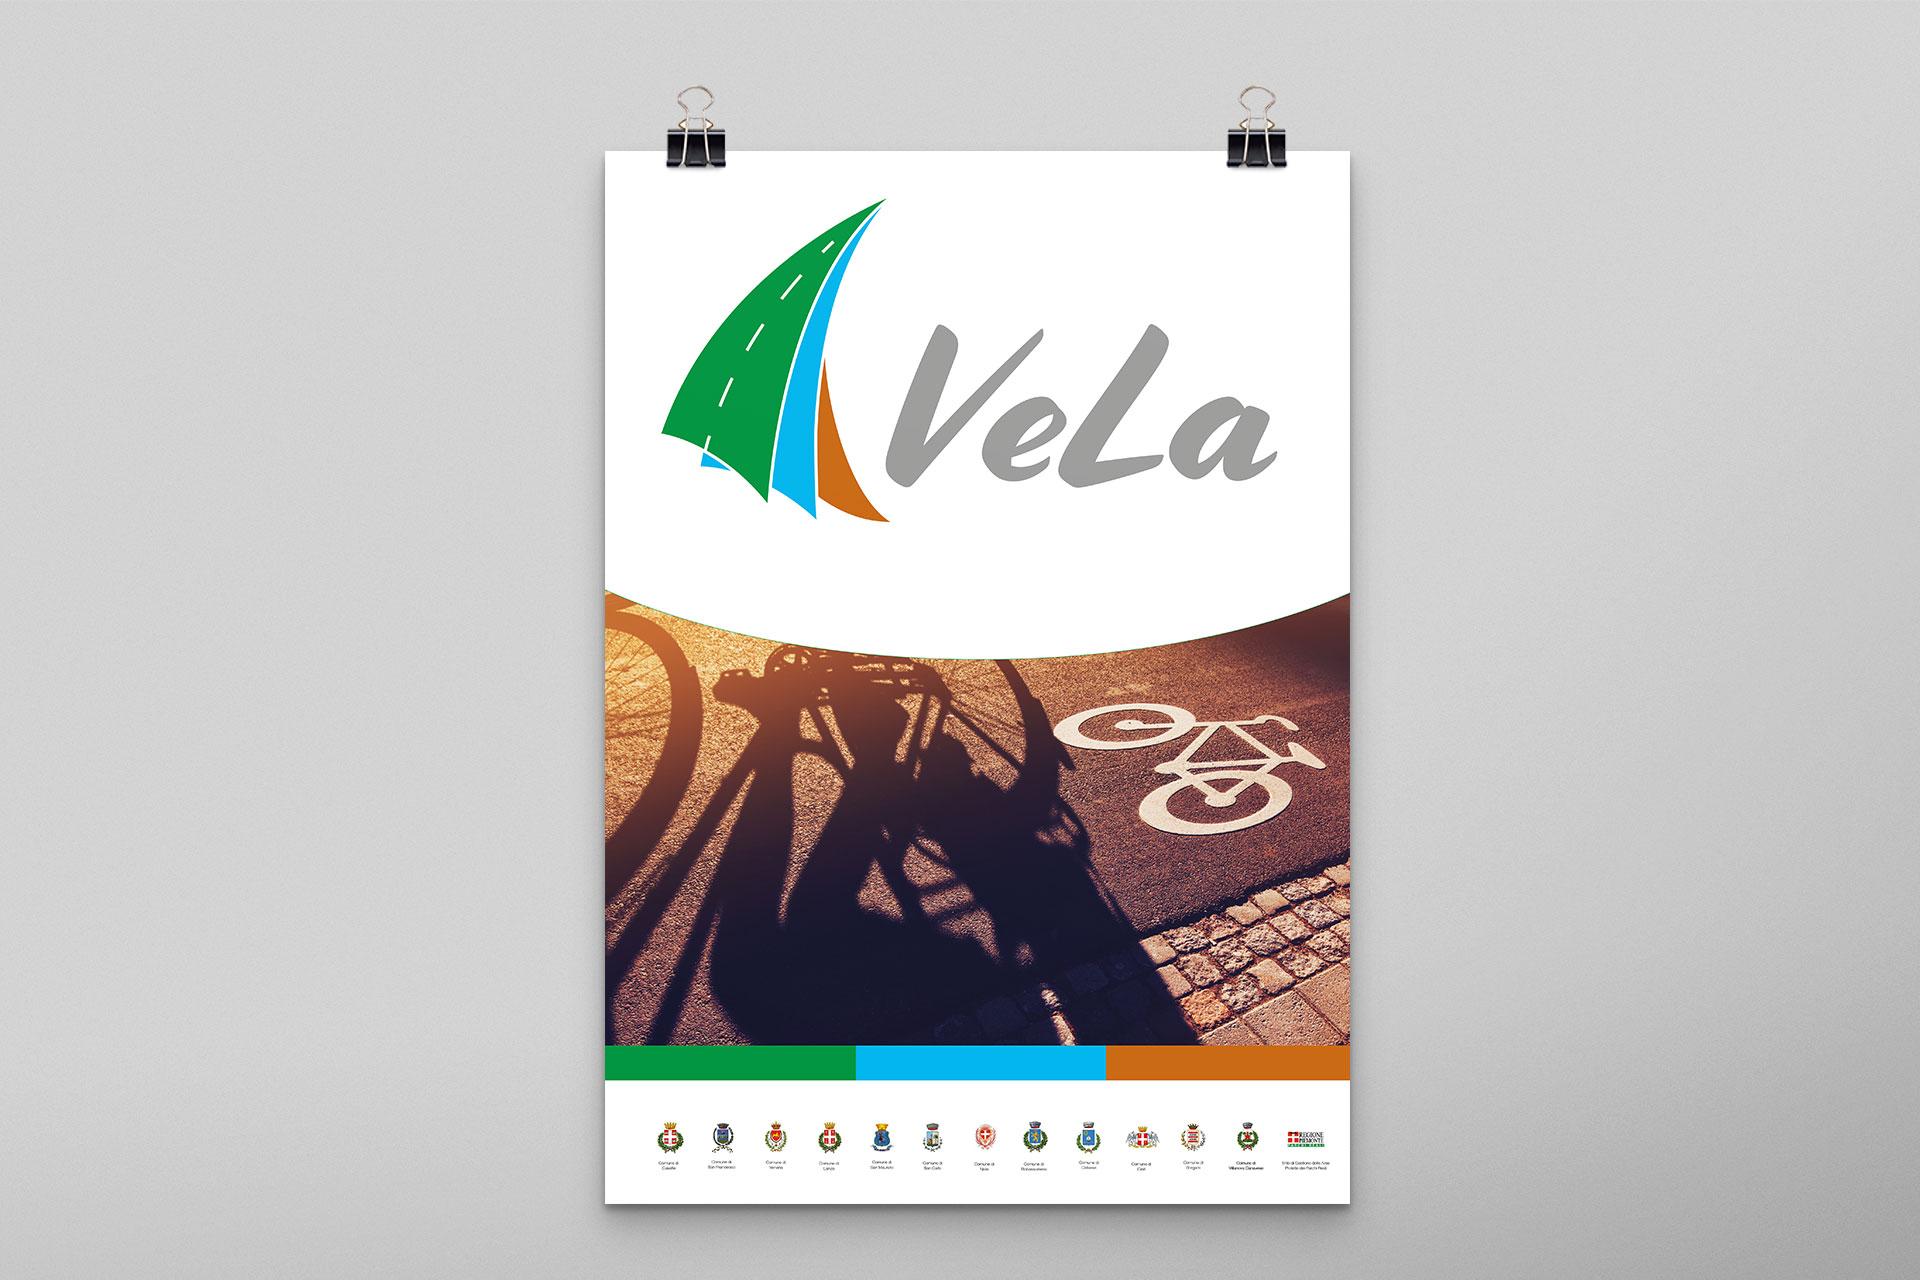 Vela_manifesto-mockup